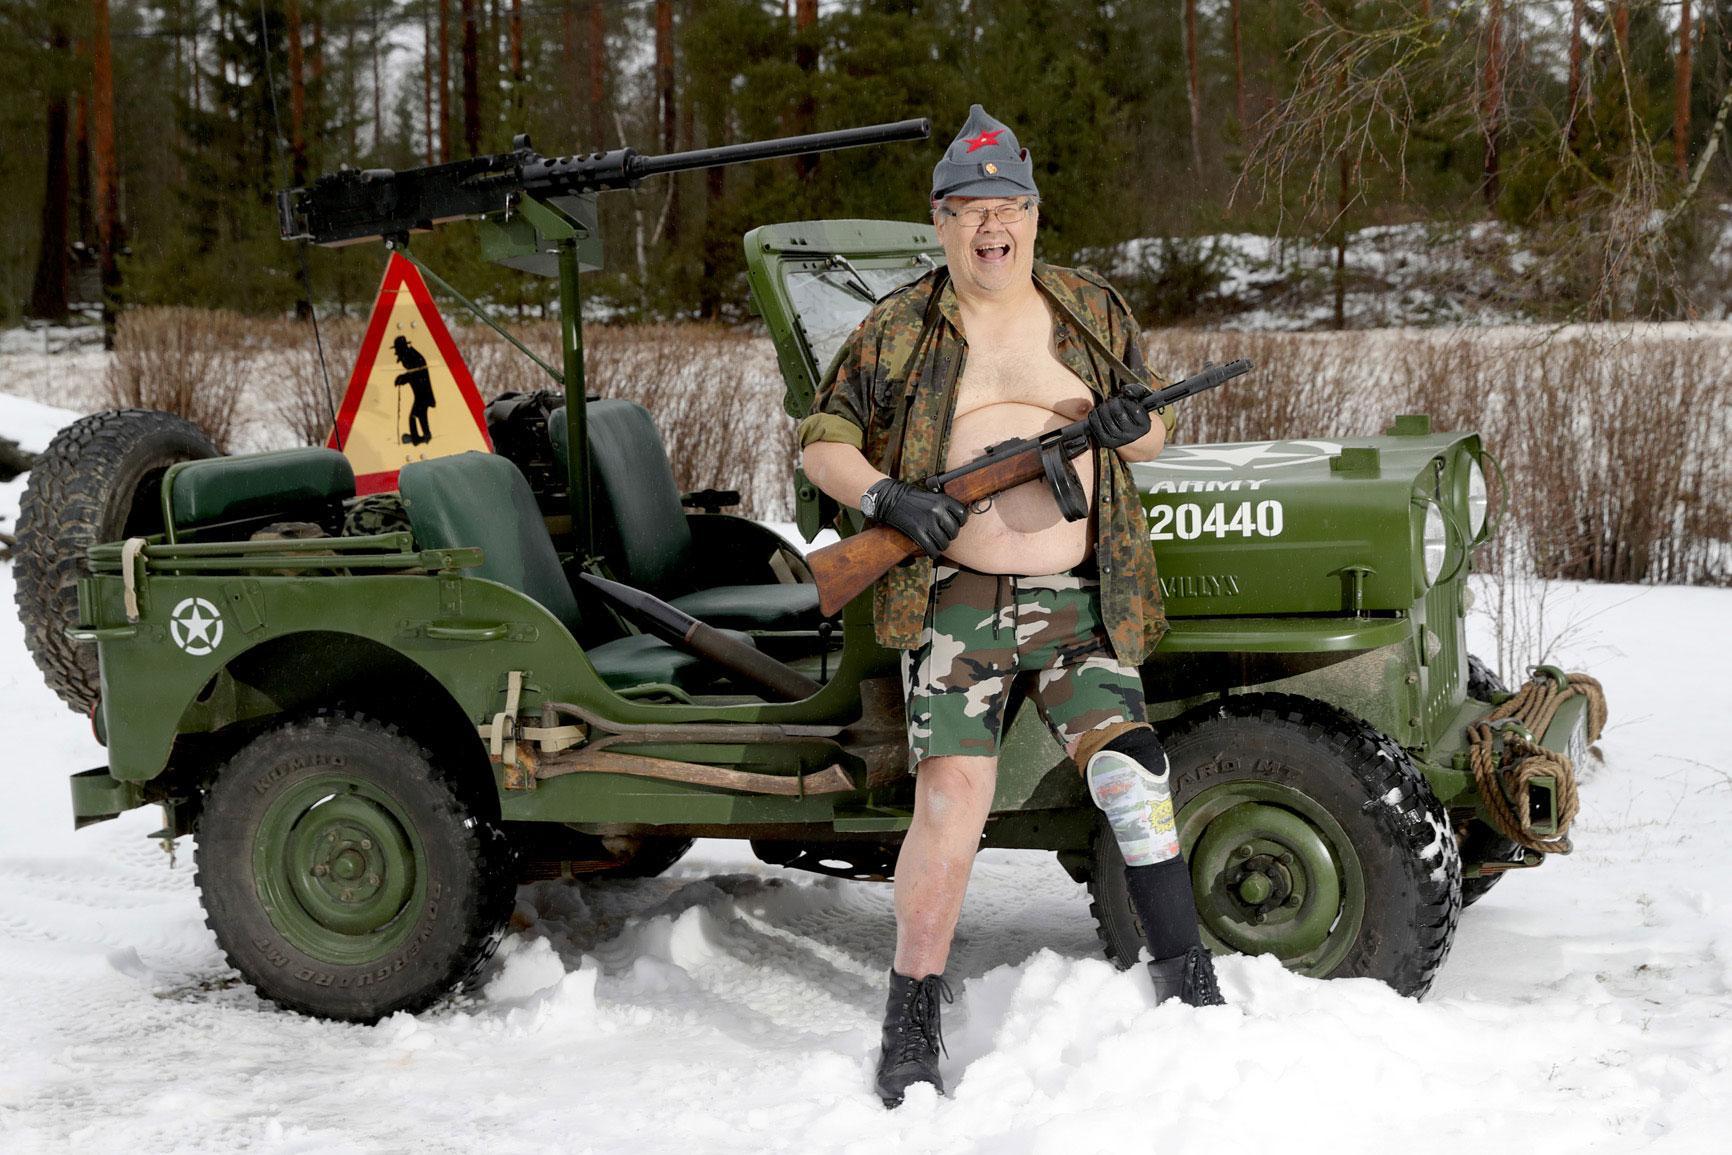 Jari Männikköä voi ihailla tammikuun 2021 kalenterikuvassa, jossa hän poseeraa omistamansa Willys-sotajeepin kanssa. Kuva: Jouni Valkeeniemi